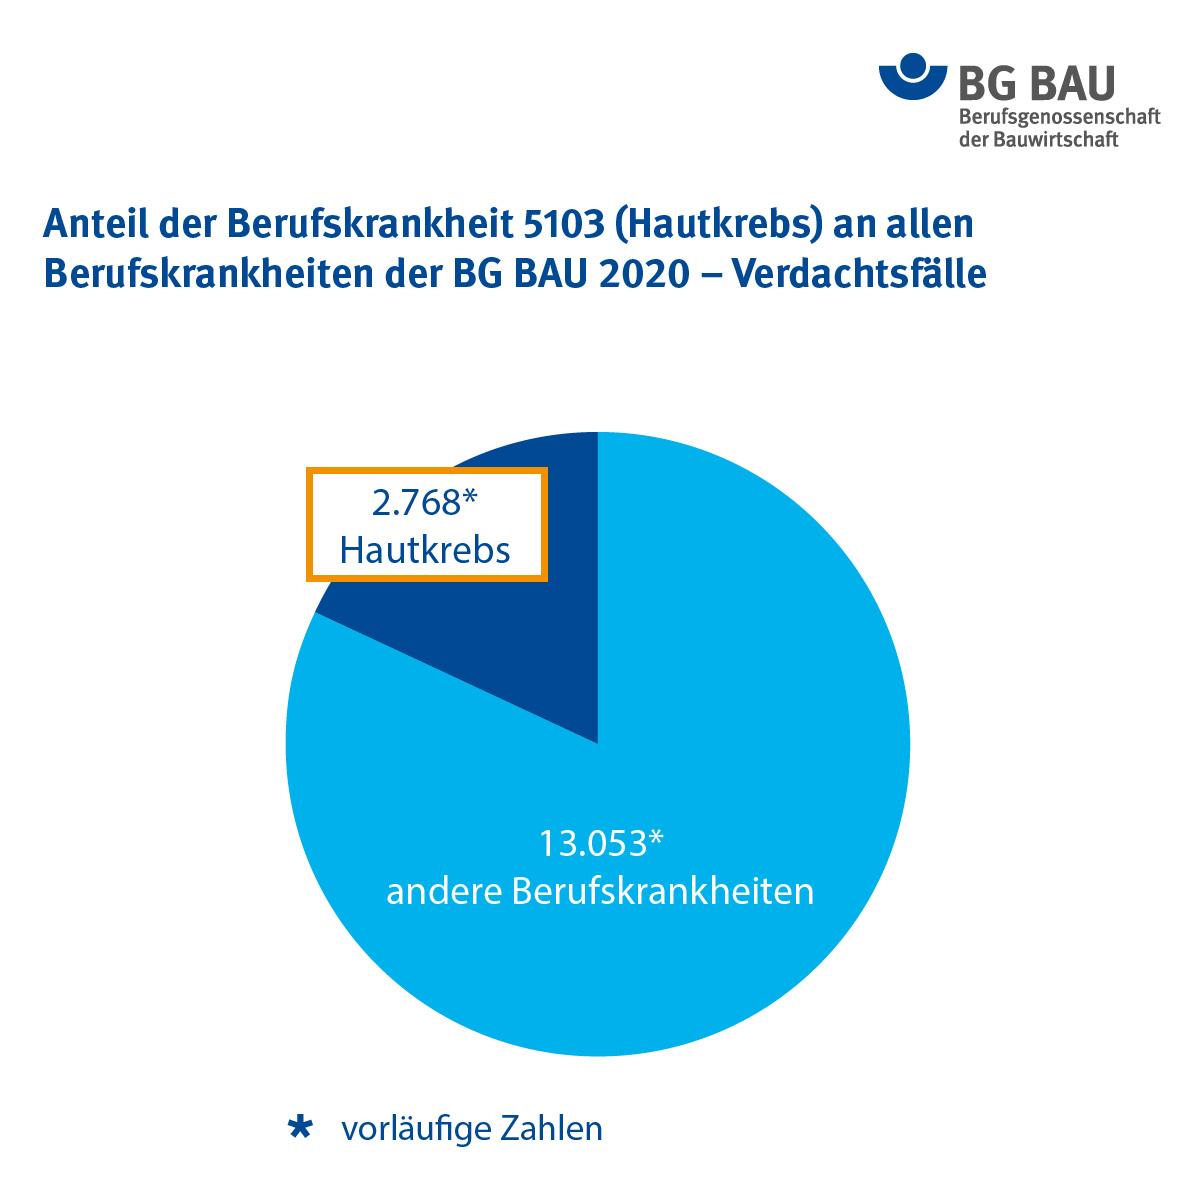 Anteil der Berufskrankheit 5103 (Hautkrebs) an allen Berufskrankheiten der BG BAU